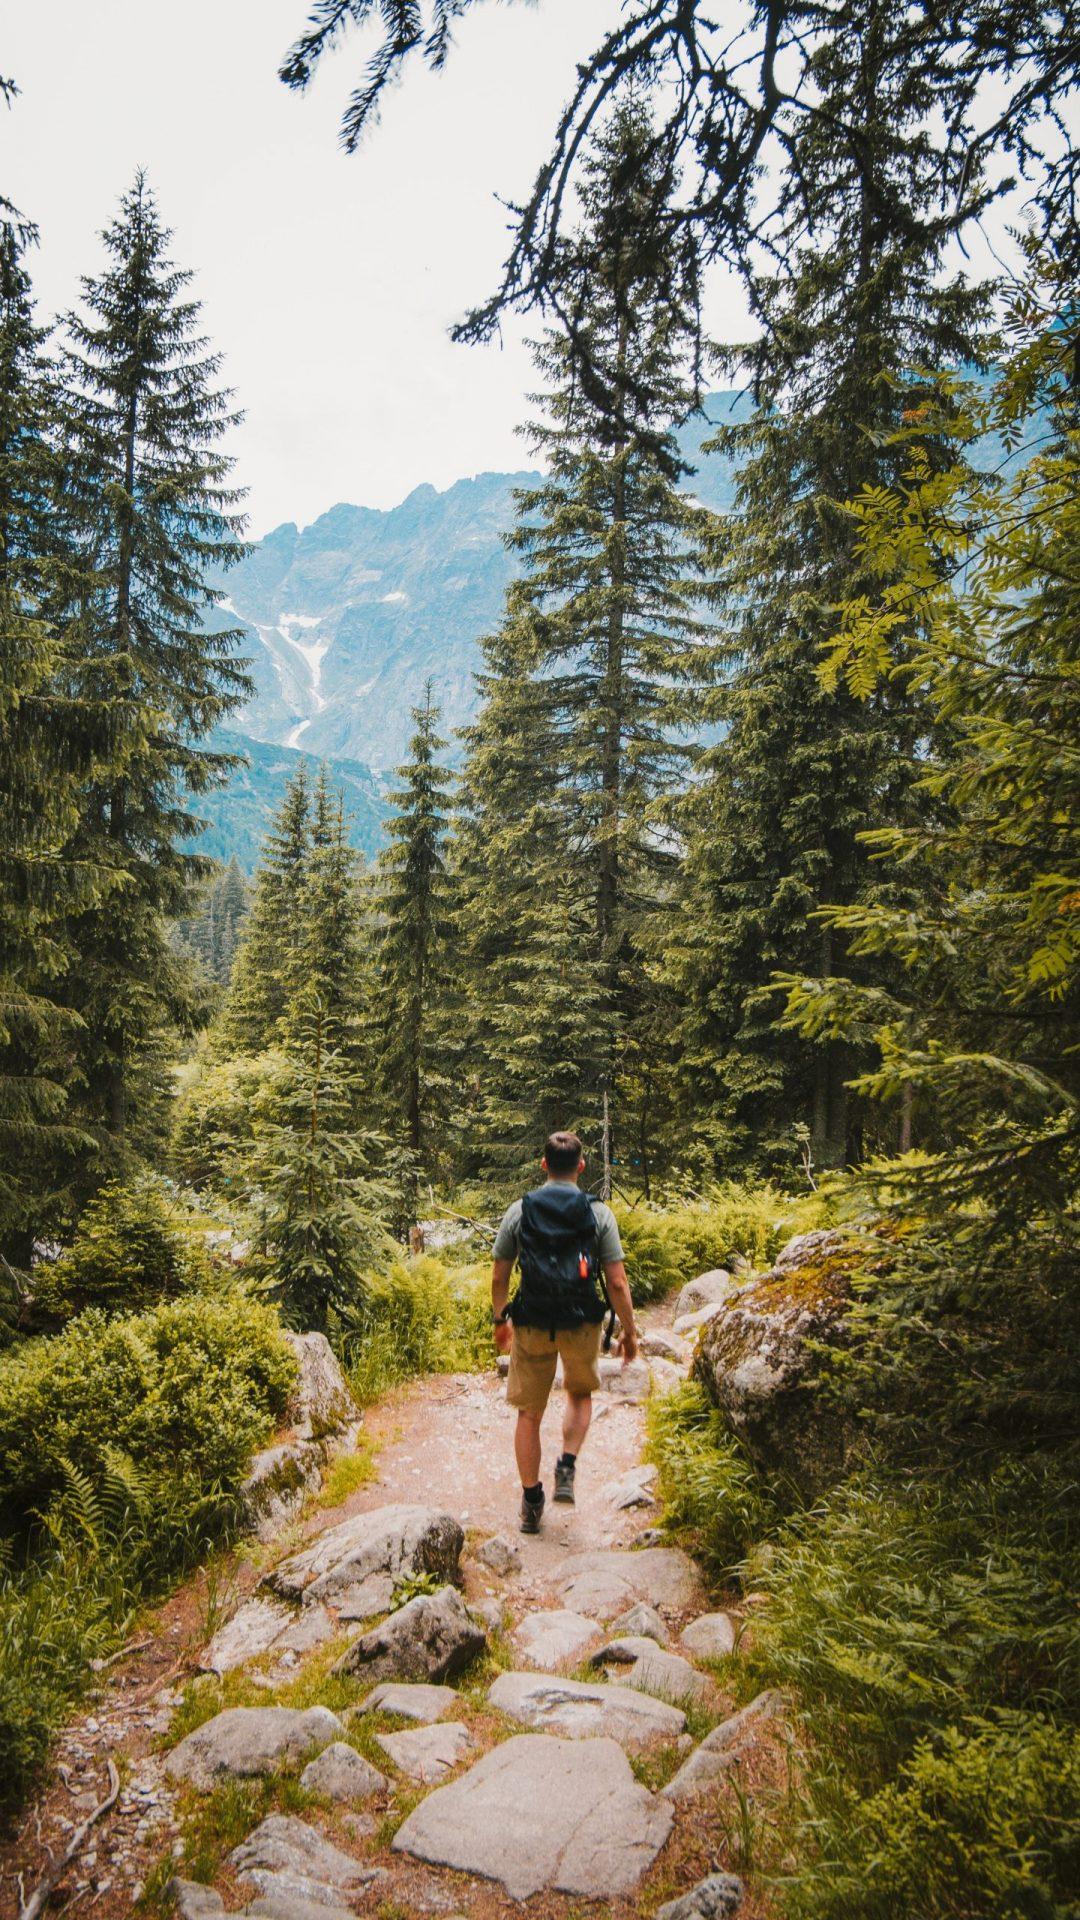 homme dans la forêt dans la nature